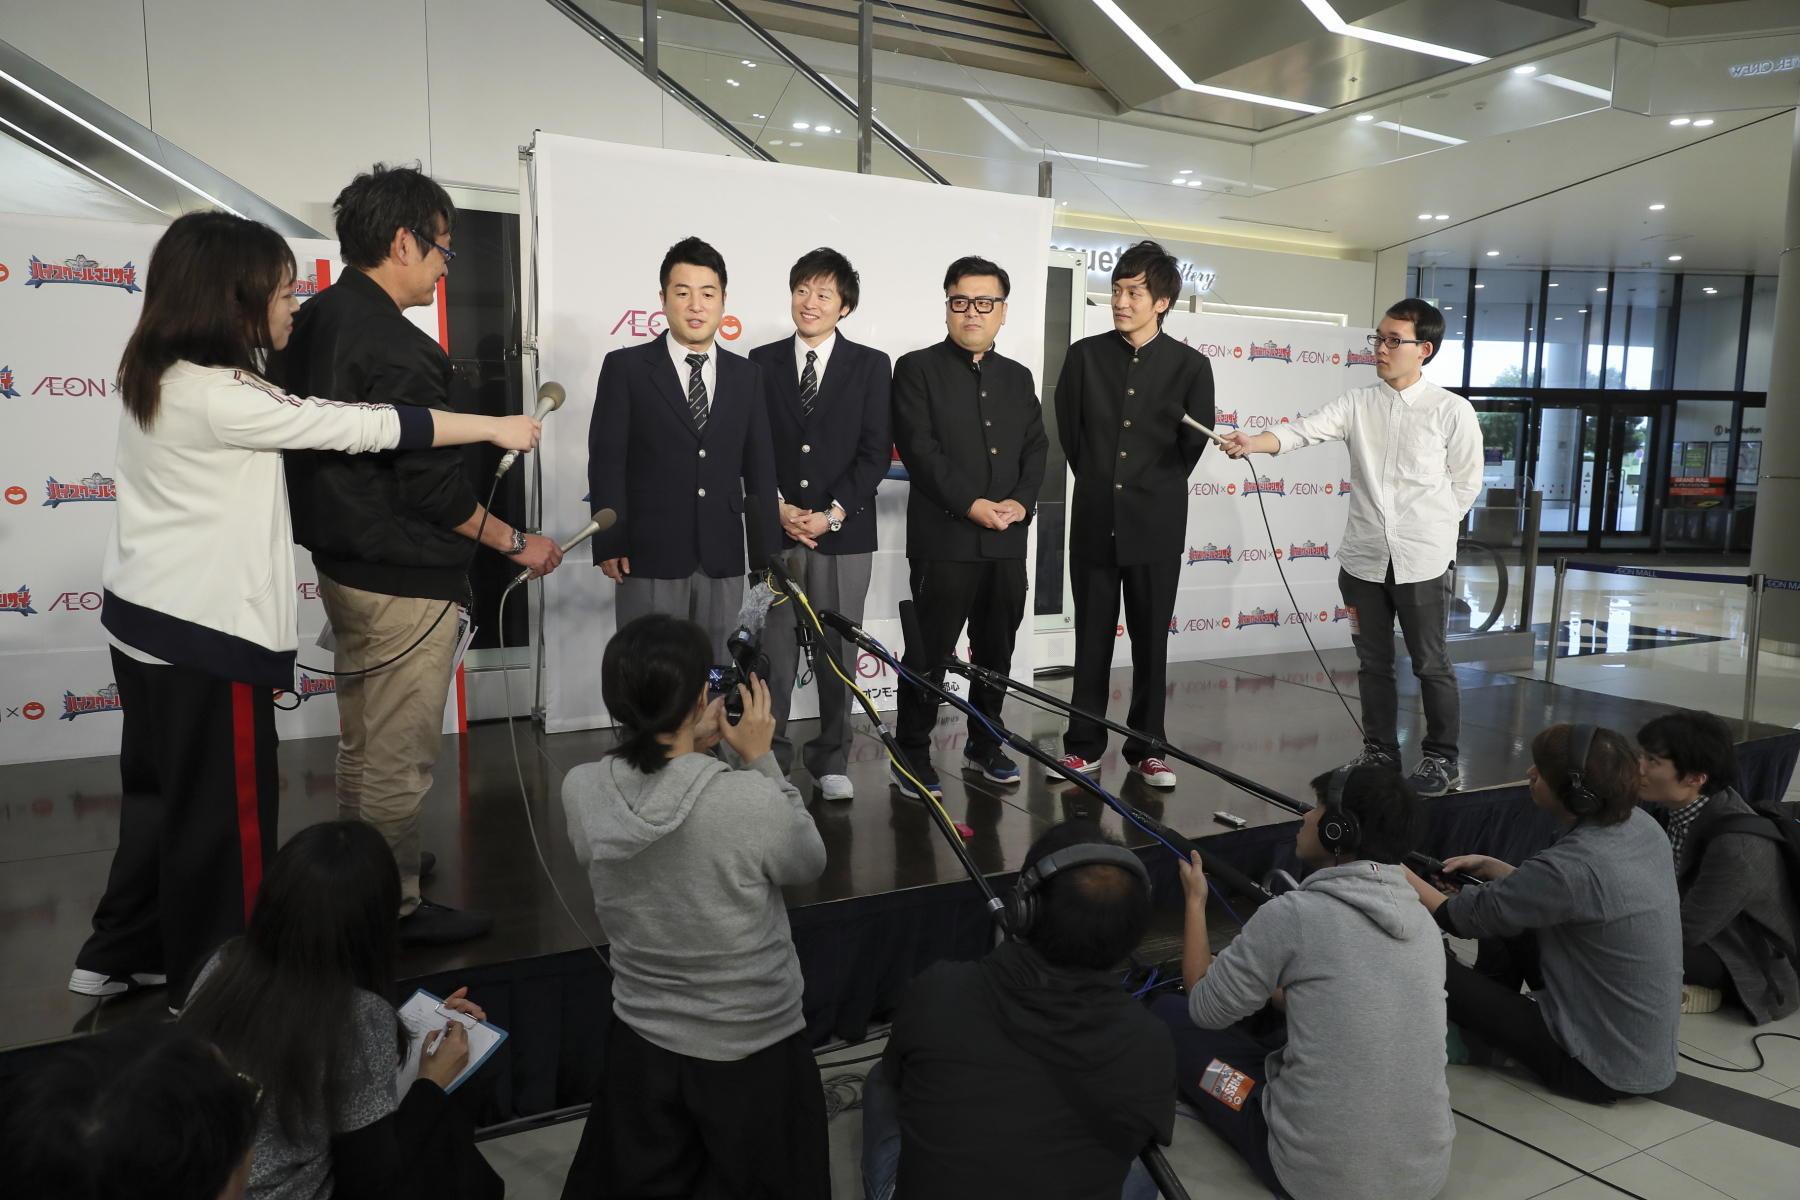 http://news.yoshimoto.co.jp/20180510220448-11b68498b80ac21c1faa7b31c211f81e0f79d141.jpg